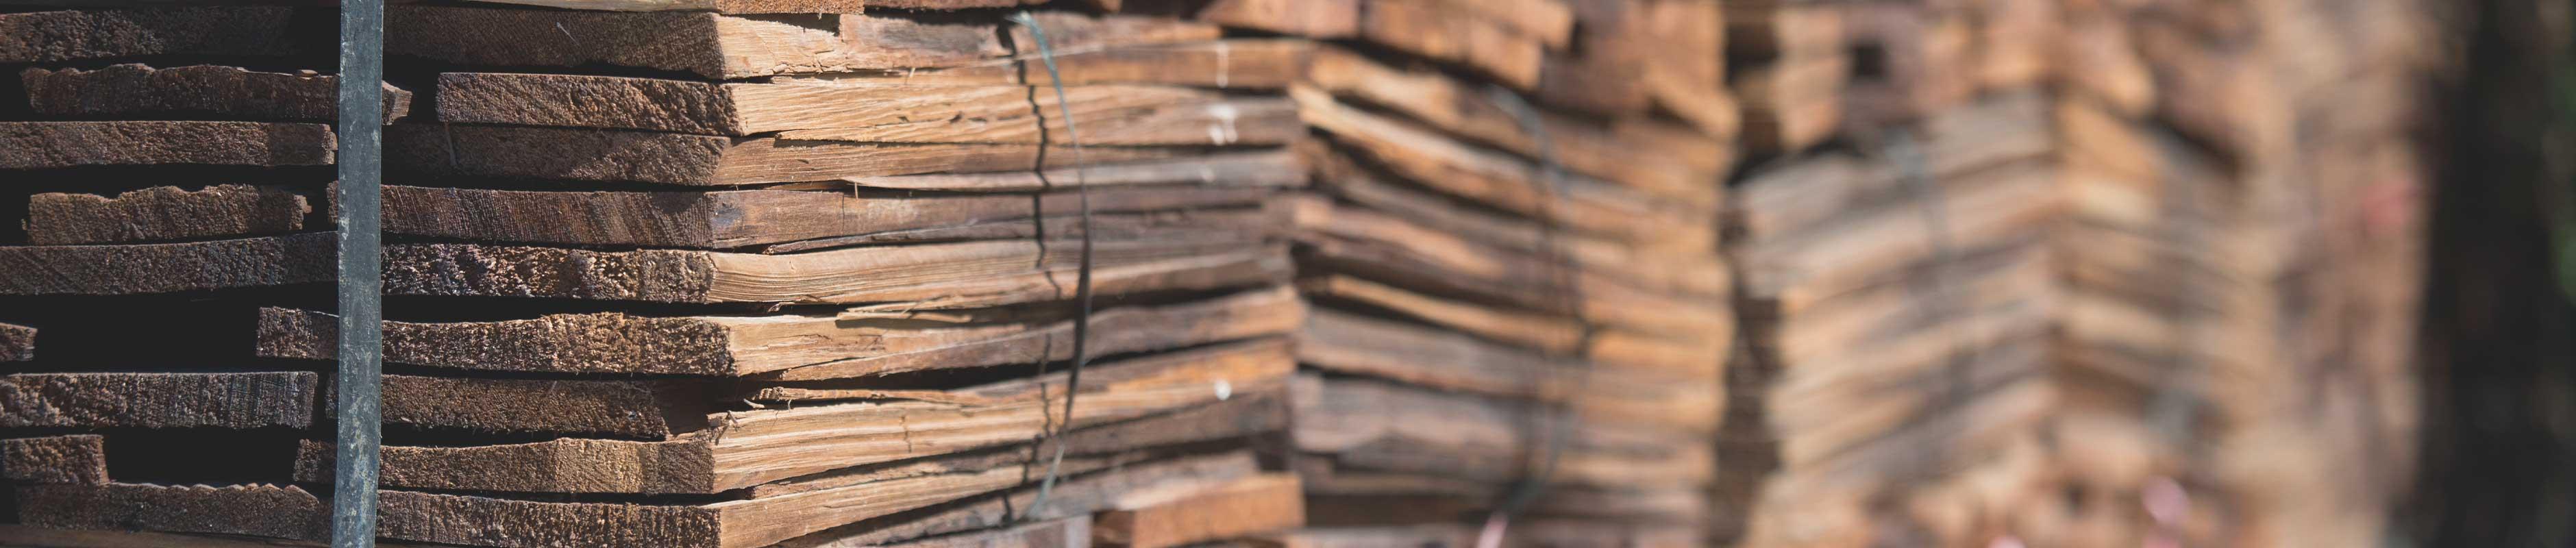 Departments Lumber Amp Building Materials Yard